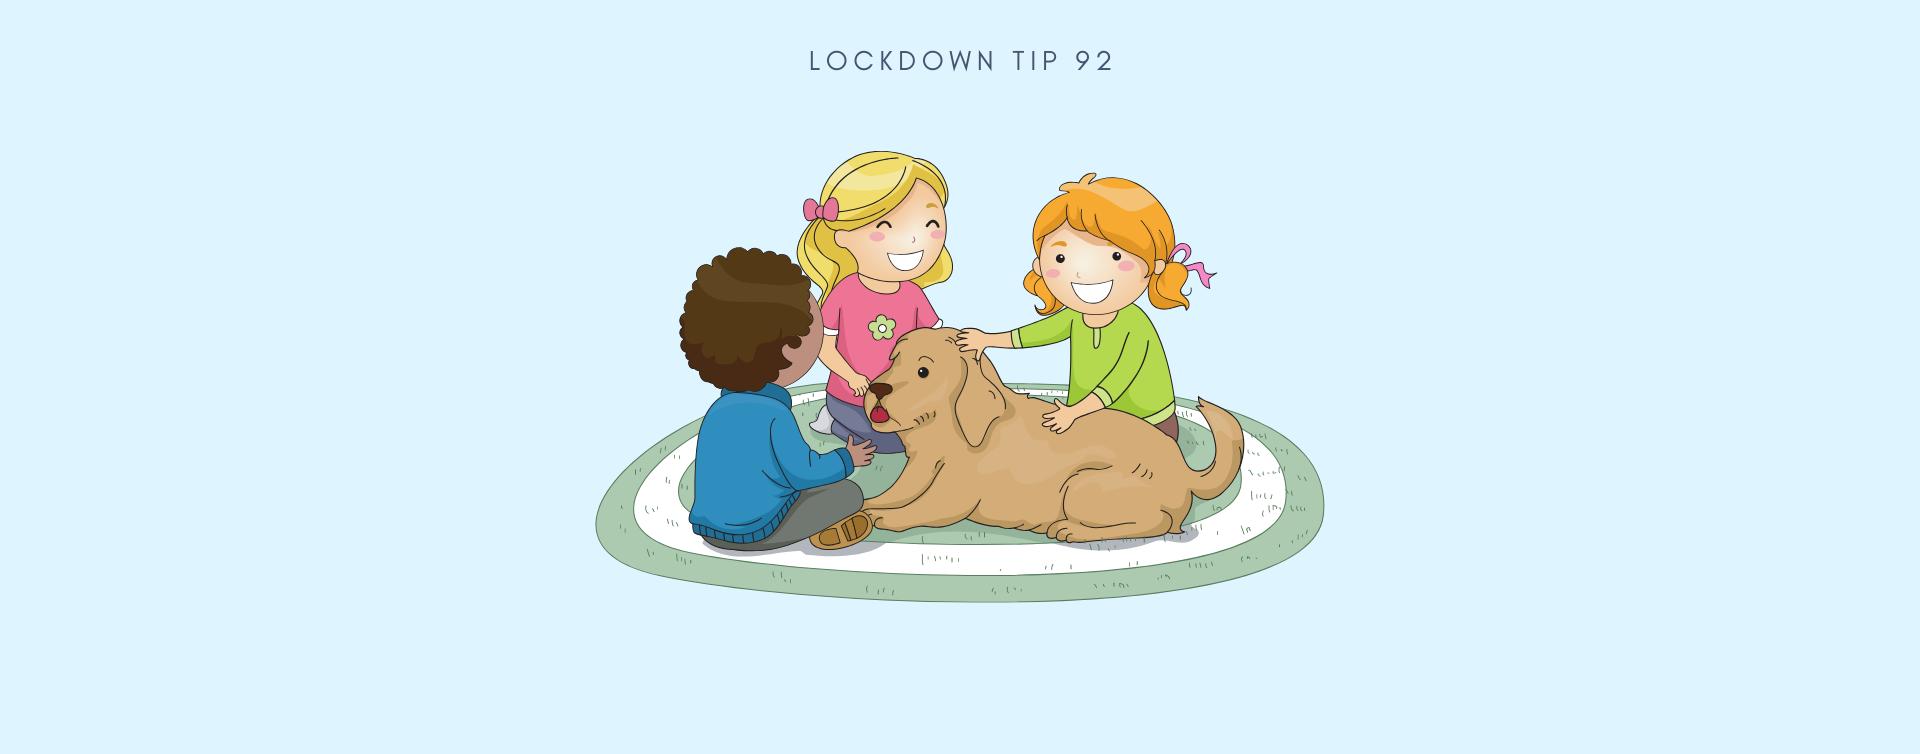 MCSA Lockdown Tip 92